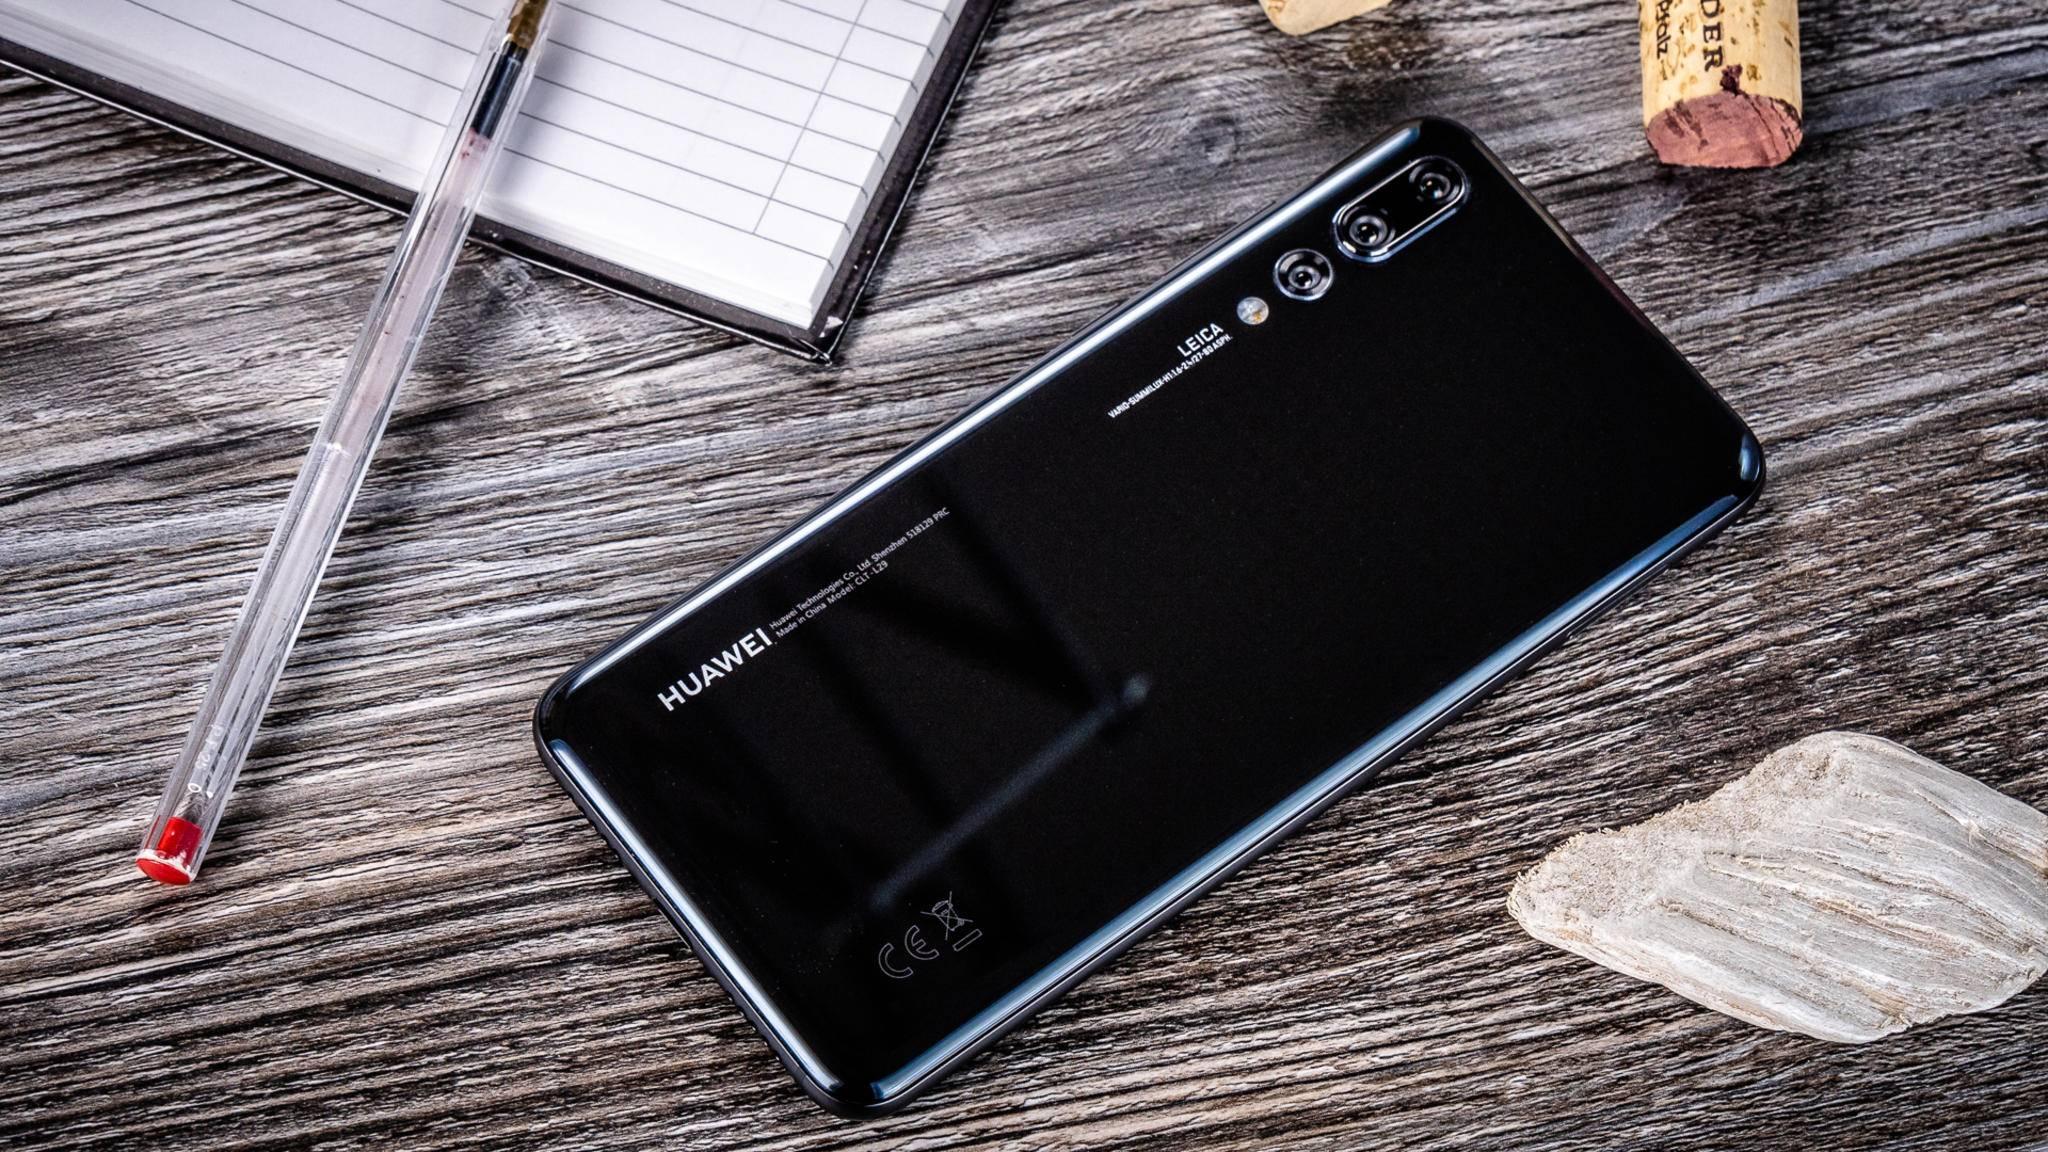 Das Huawei P20 Pro (Foto) hatte bereits eine Triple-Kamera, der Nachfolger soll noch eins draufsetzen.